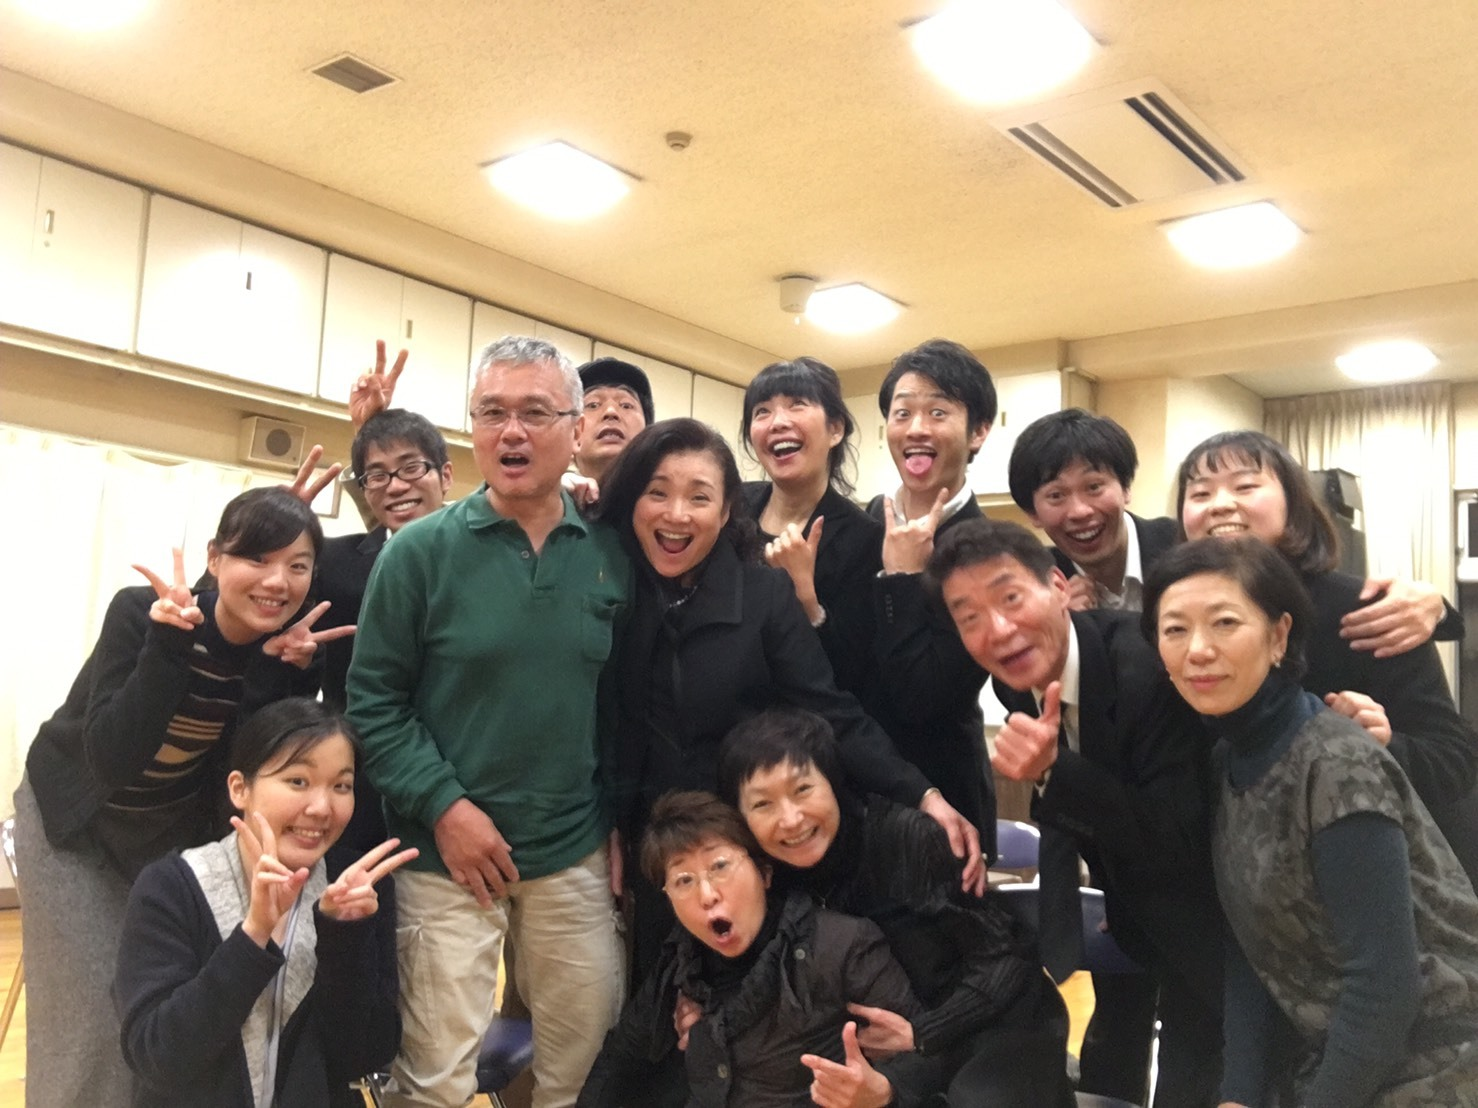 テアトル・エコーの大先輩のお別れ会_a0163623_22305668.jpg